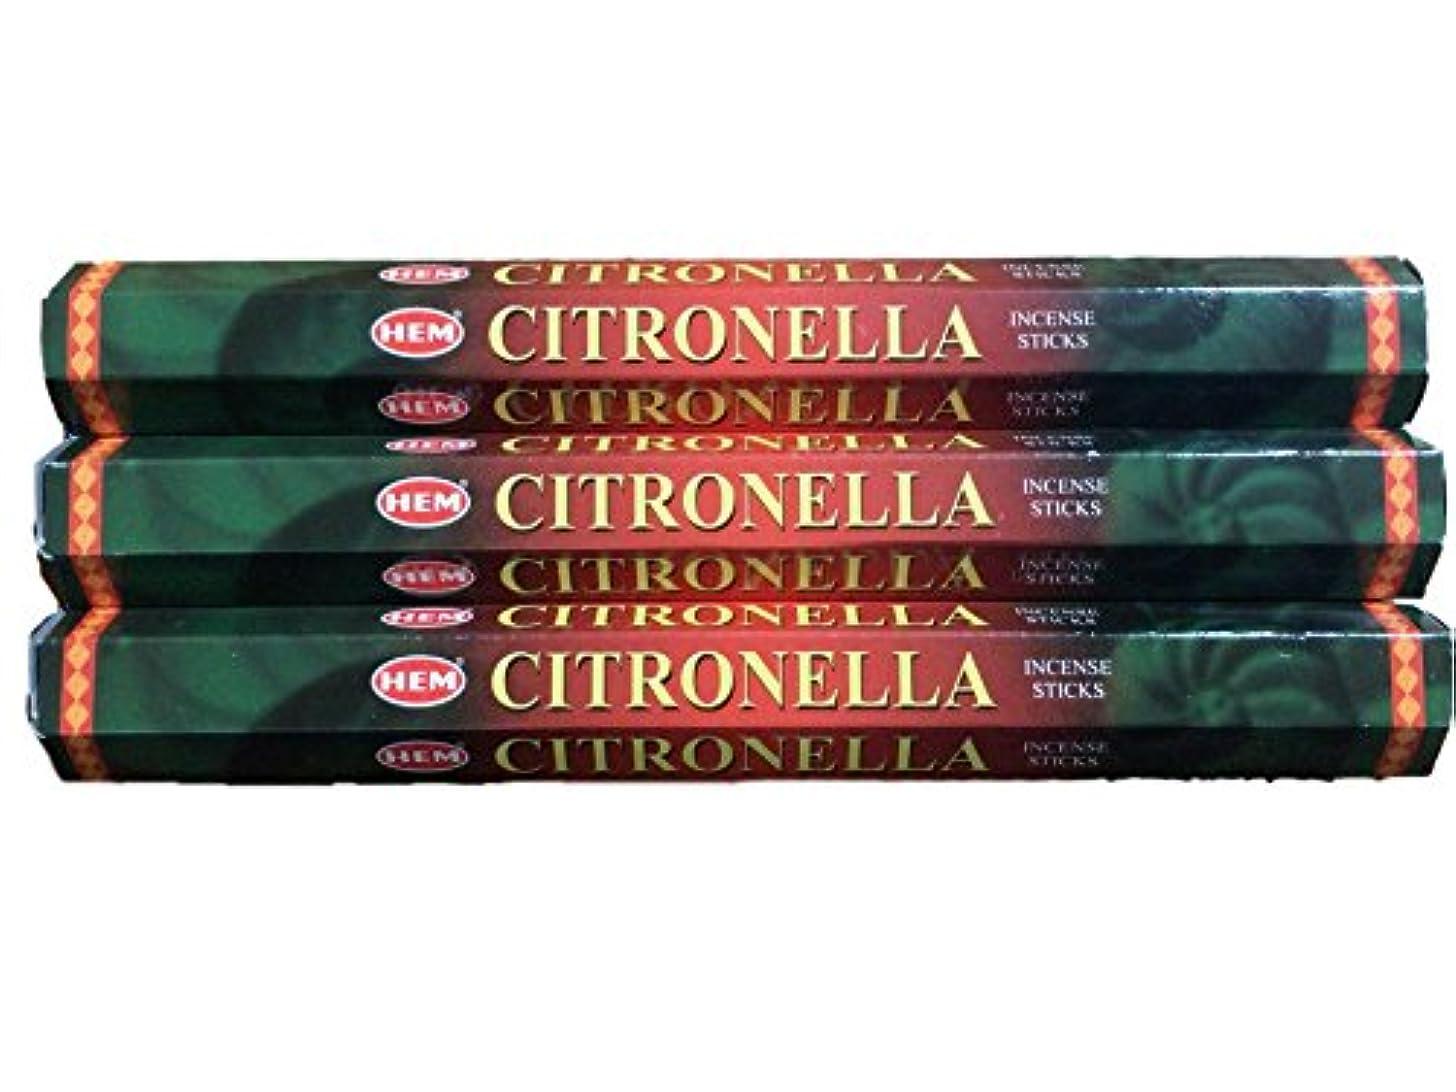 引き渡すシフトしてはいけないHEM ヘム シトロネラ CITRONELLA ステック お香 3本 セット